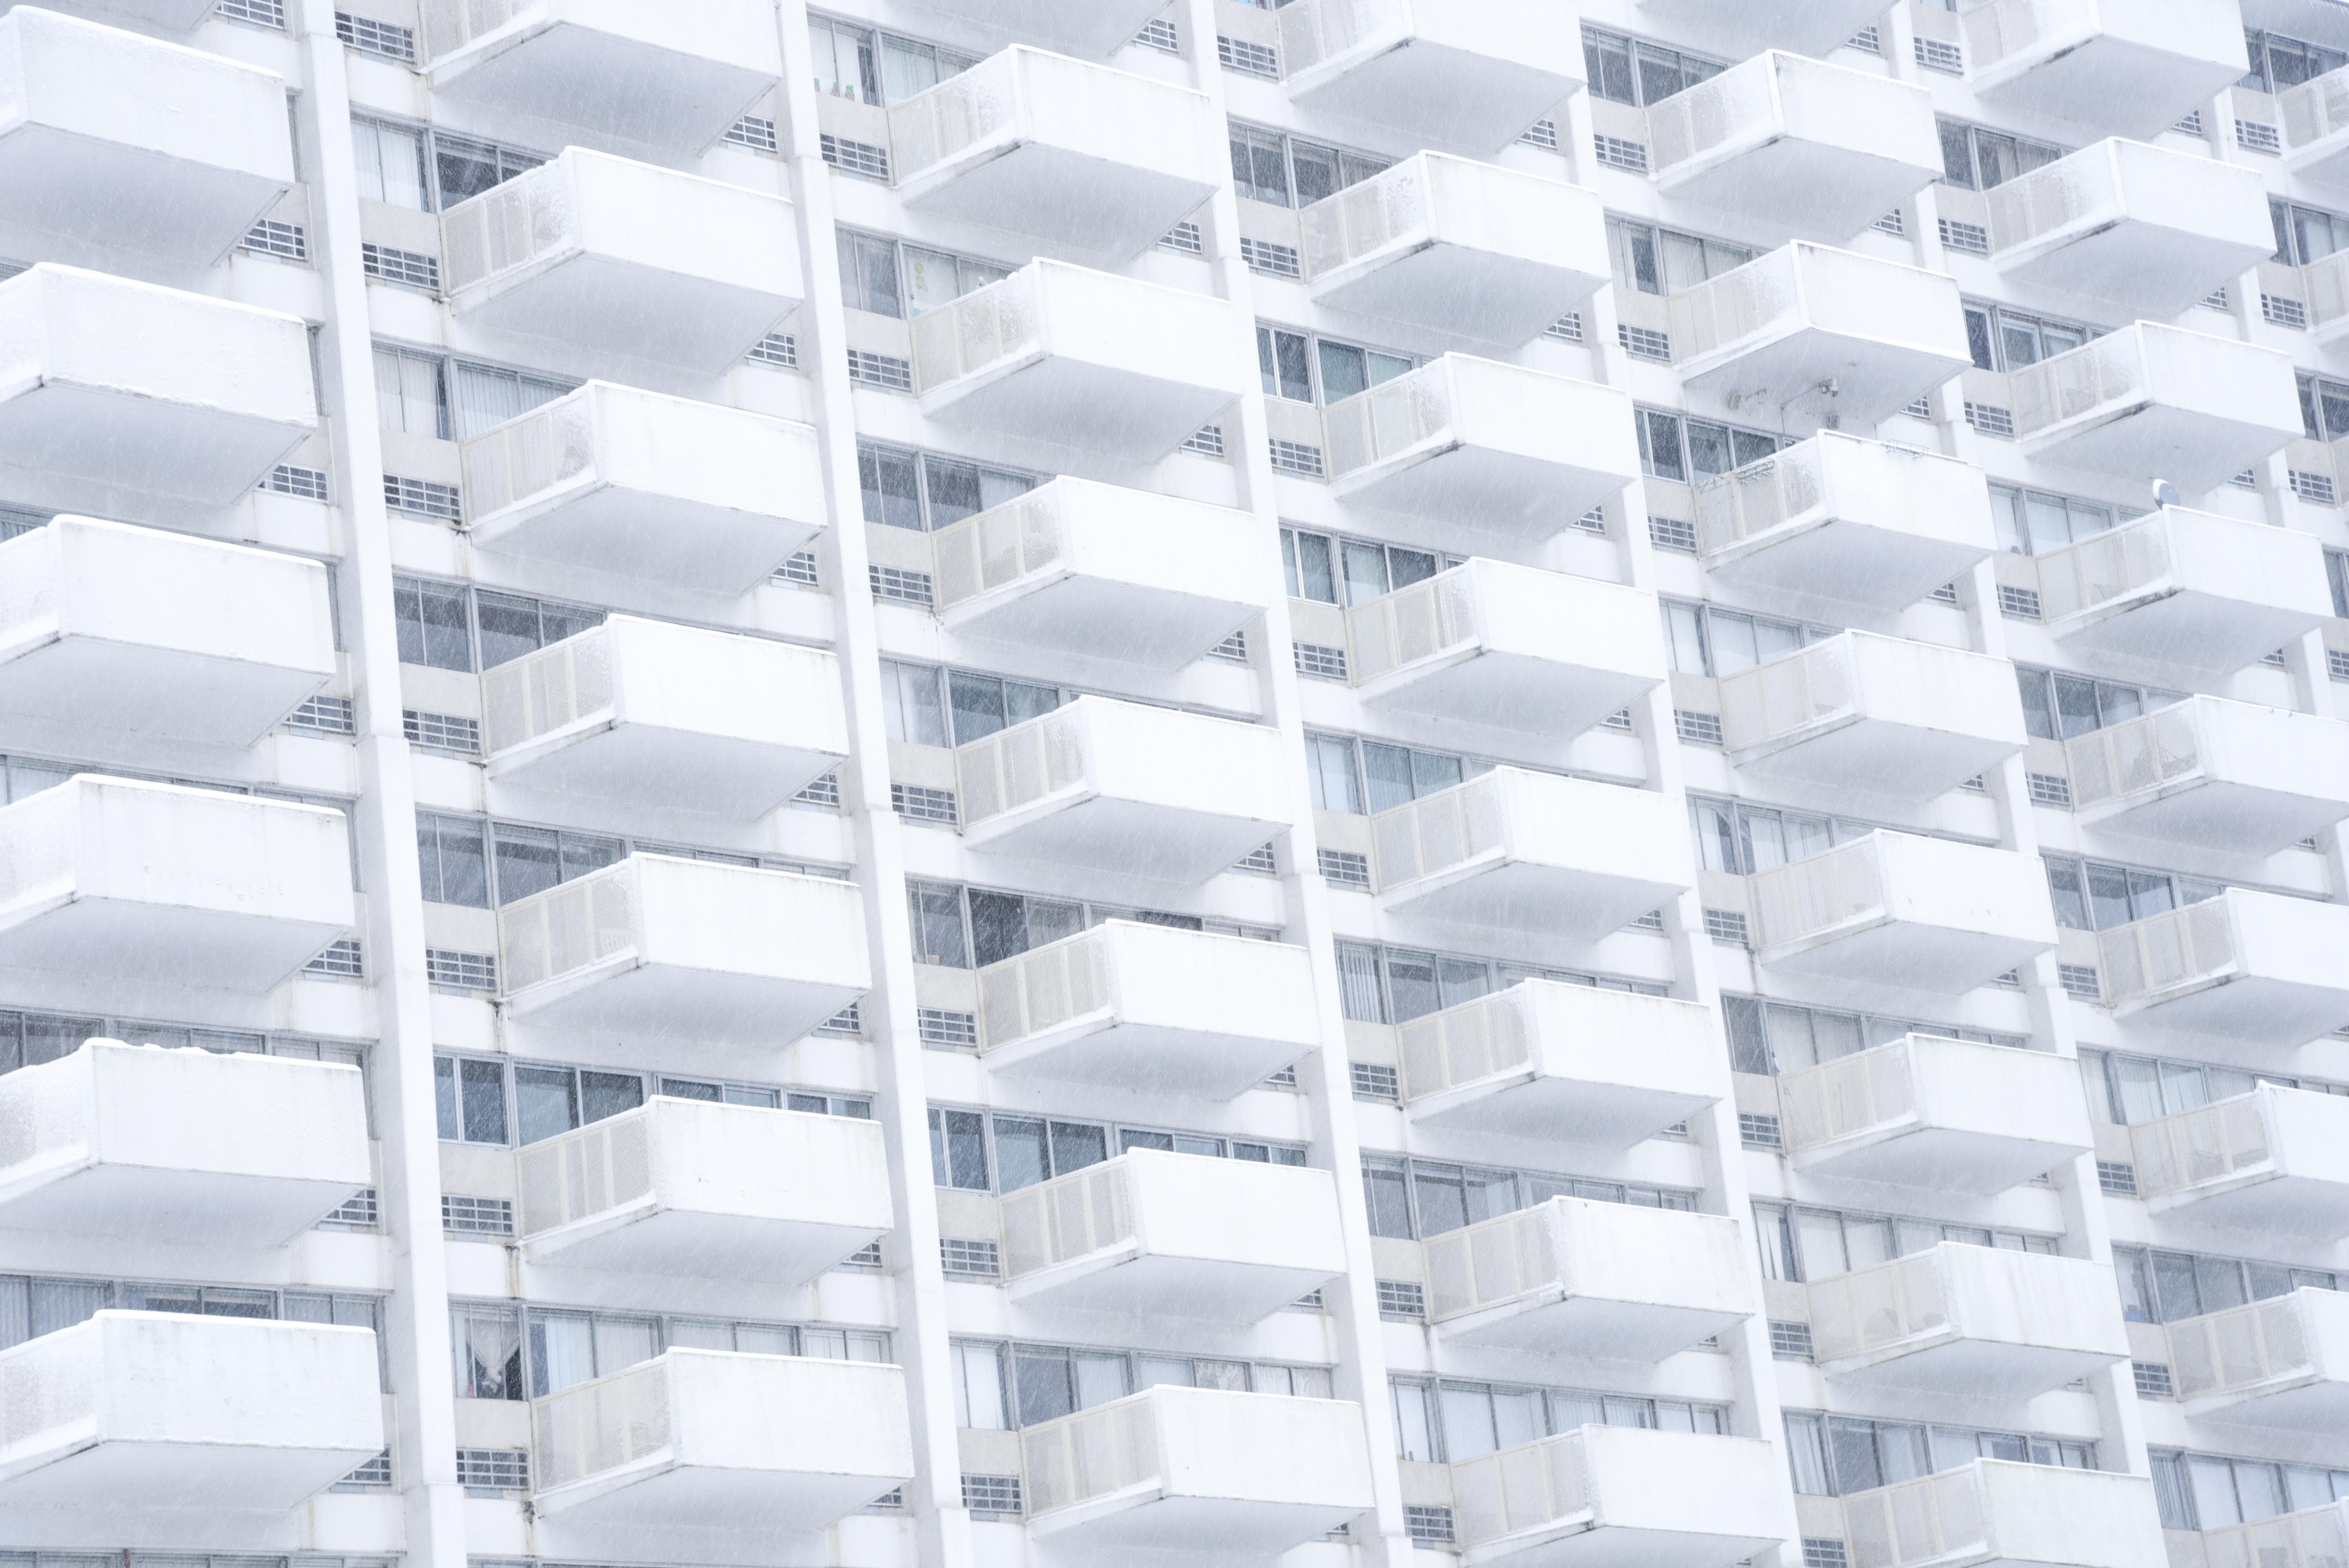 Immobilienkredit-Obergrenze bedeutet mehr Eigenmittel, weniger Risko. So sieht es wenigstens der Gesetzgeber